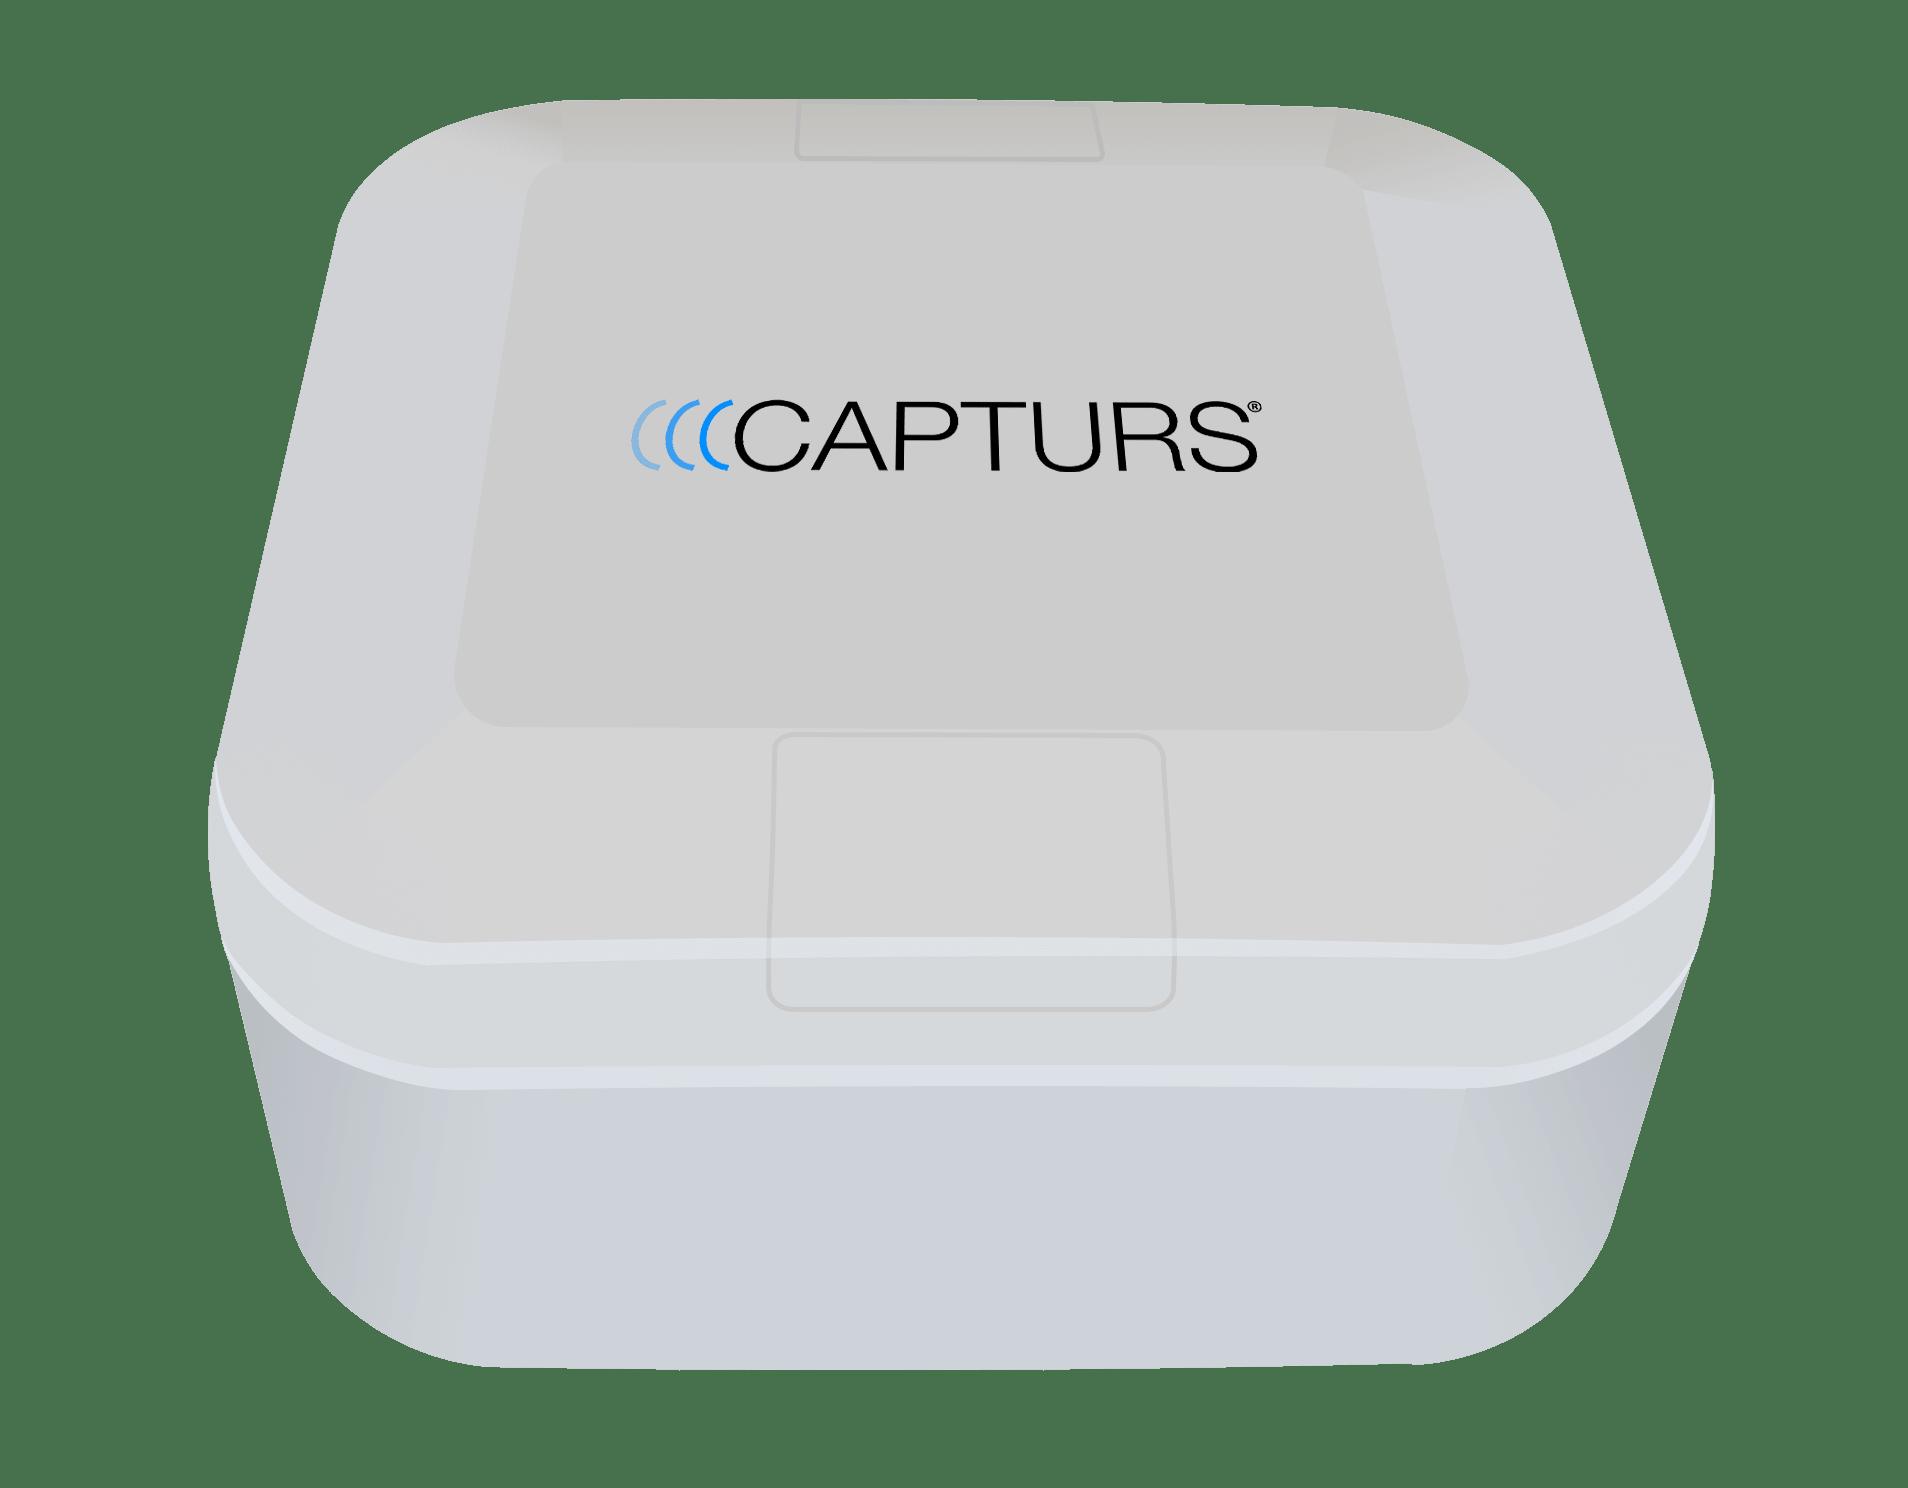 Traceur GPS Capturs